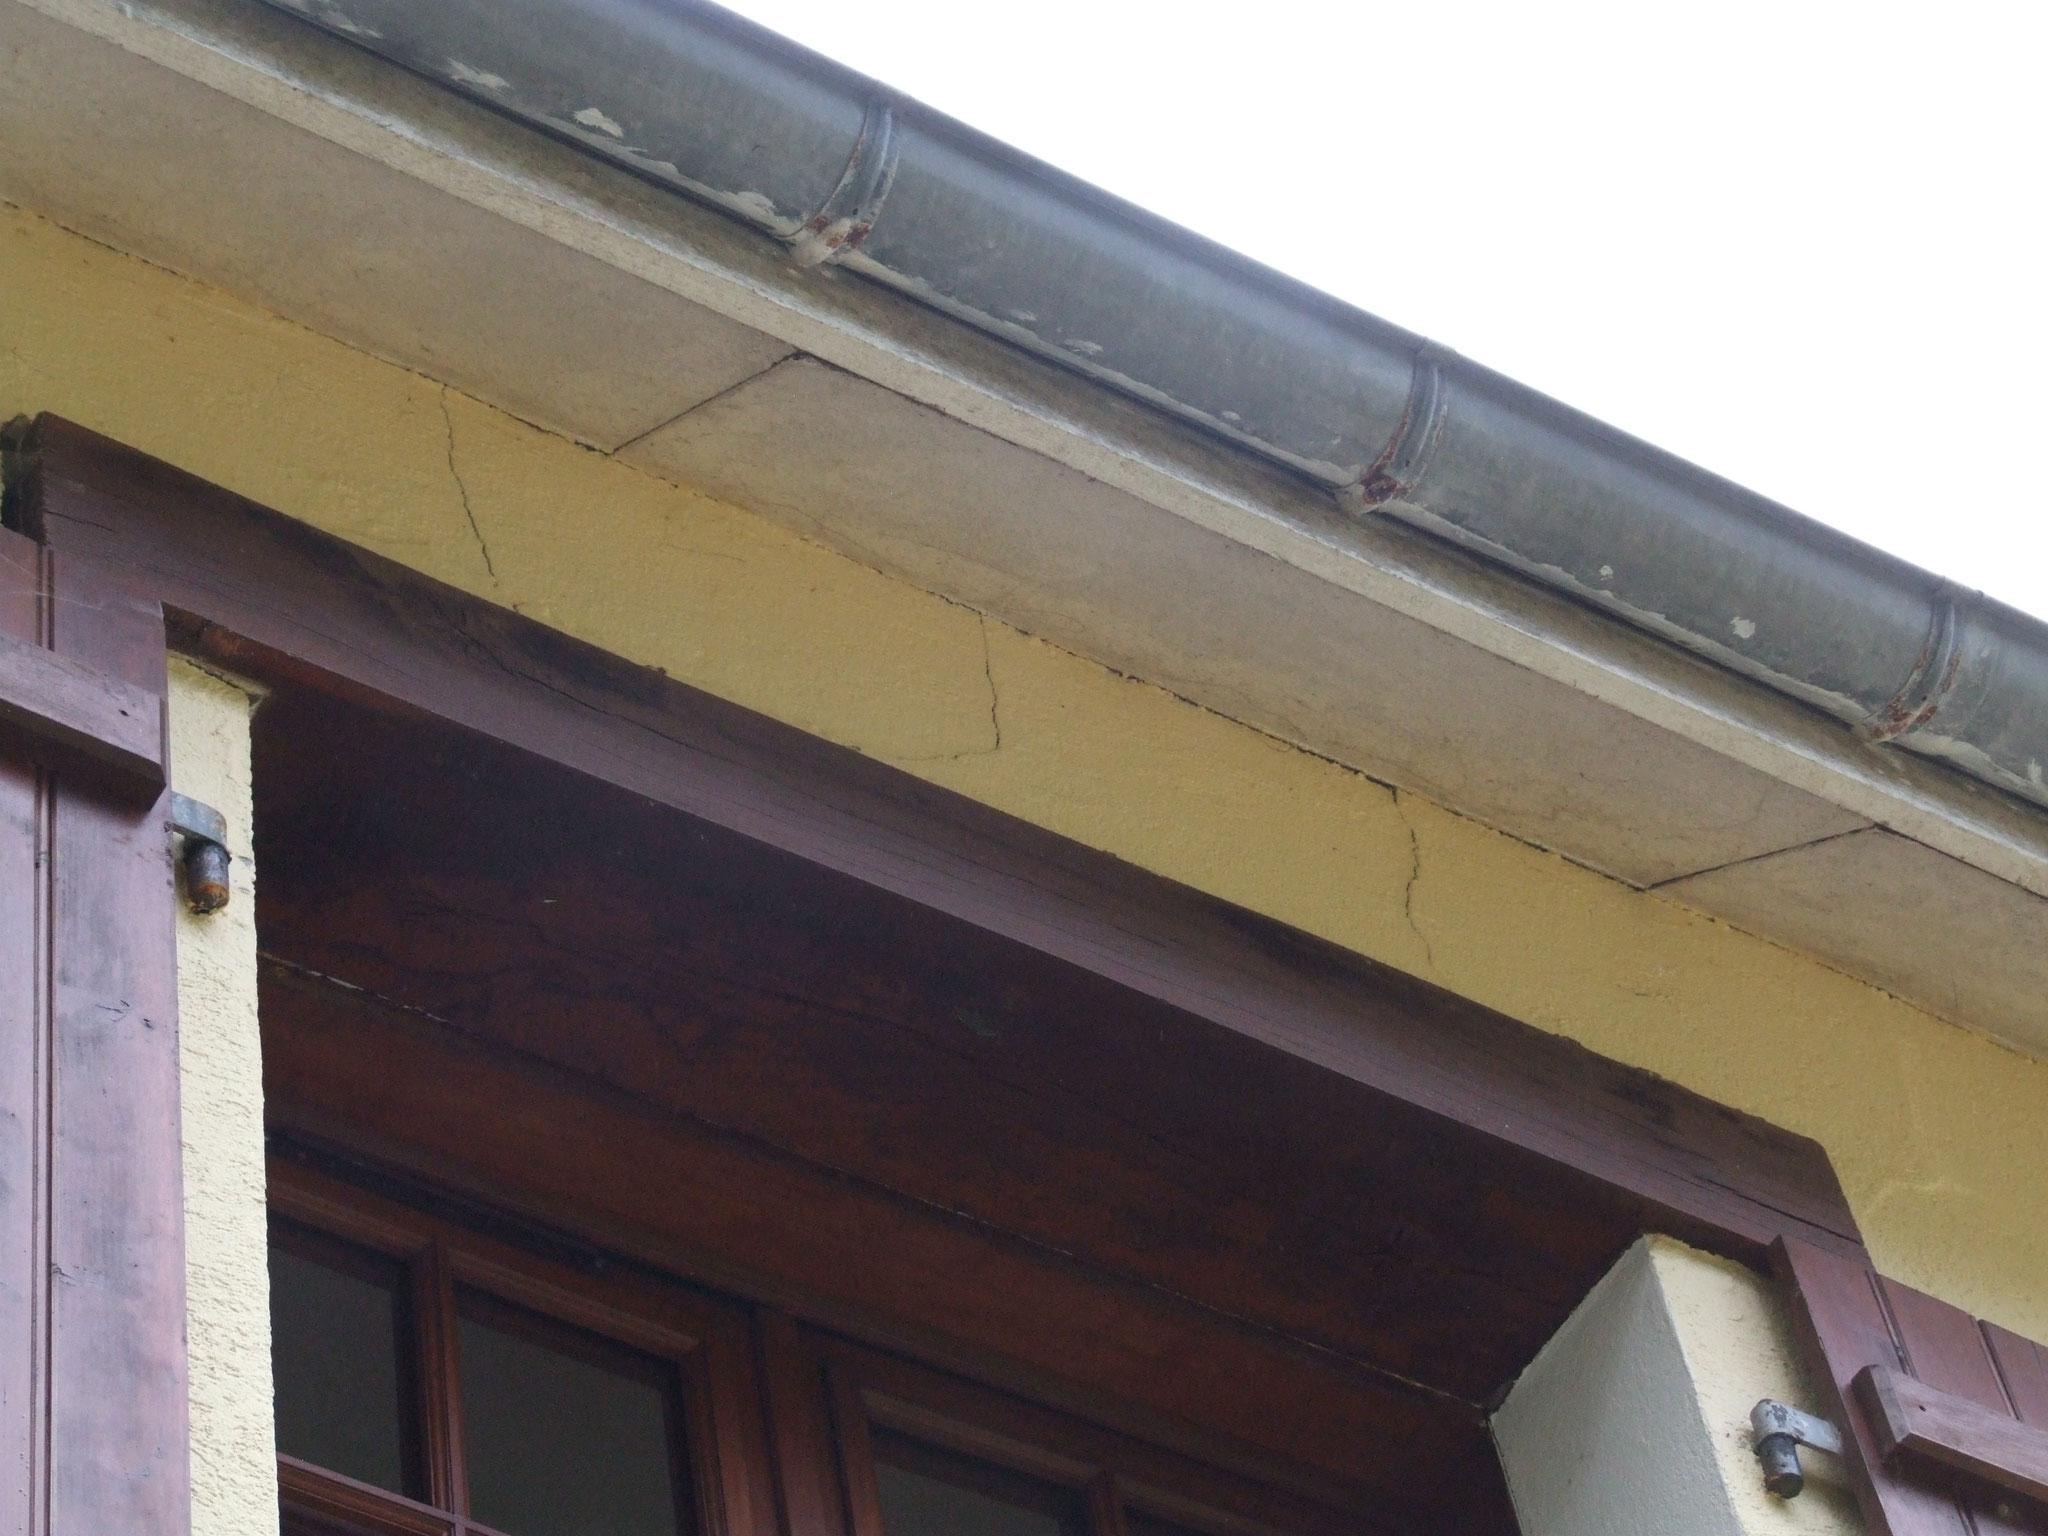 fissuration d'un linteau de fenêtre